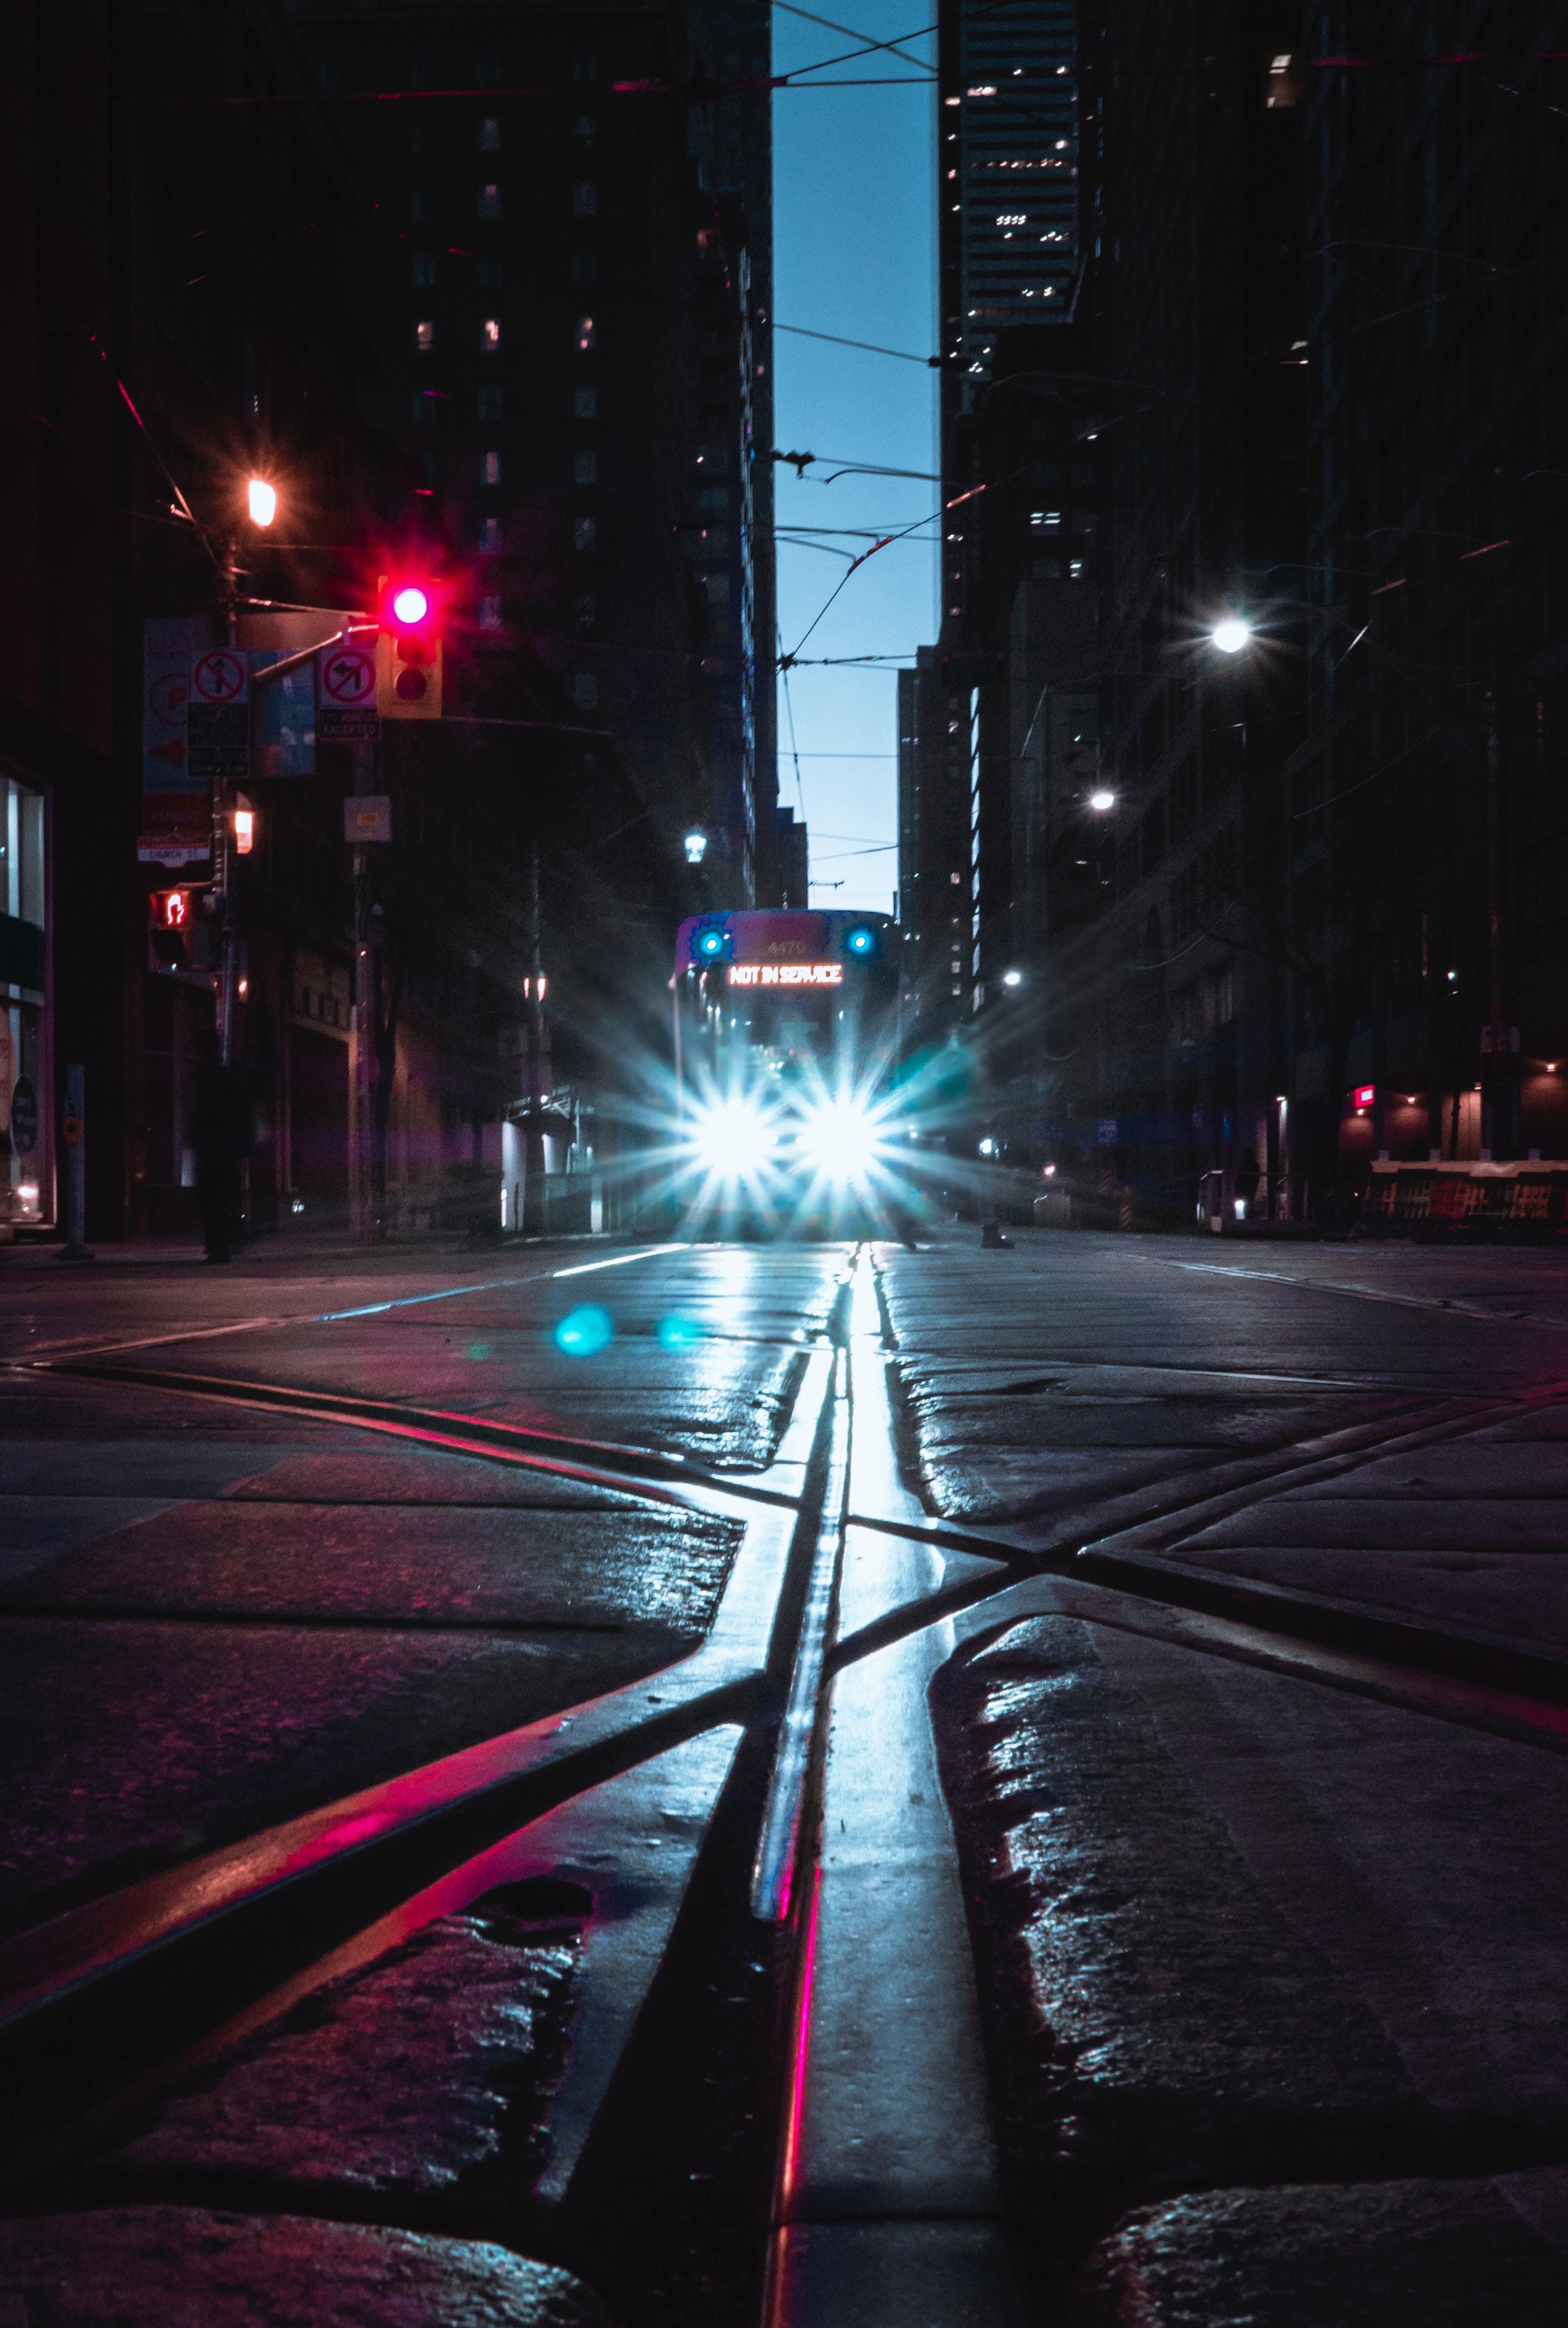 51737 скачать обои Транспорт, Ночной Город, Свет, Фары, Дорога, Города - заставки и картинки бесплатно